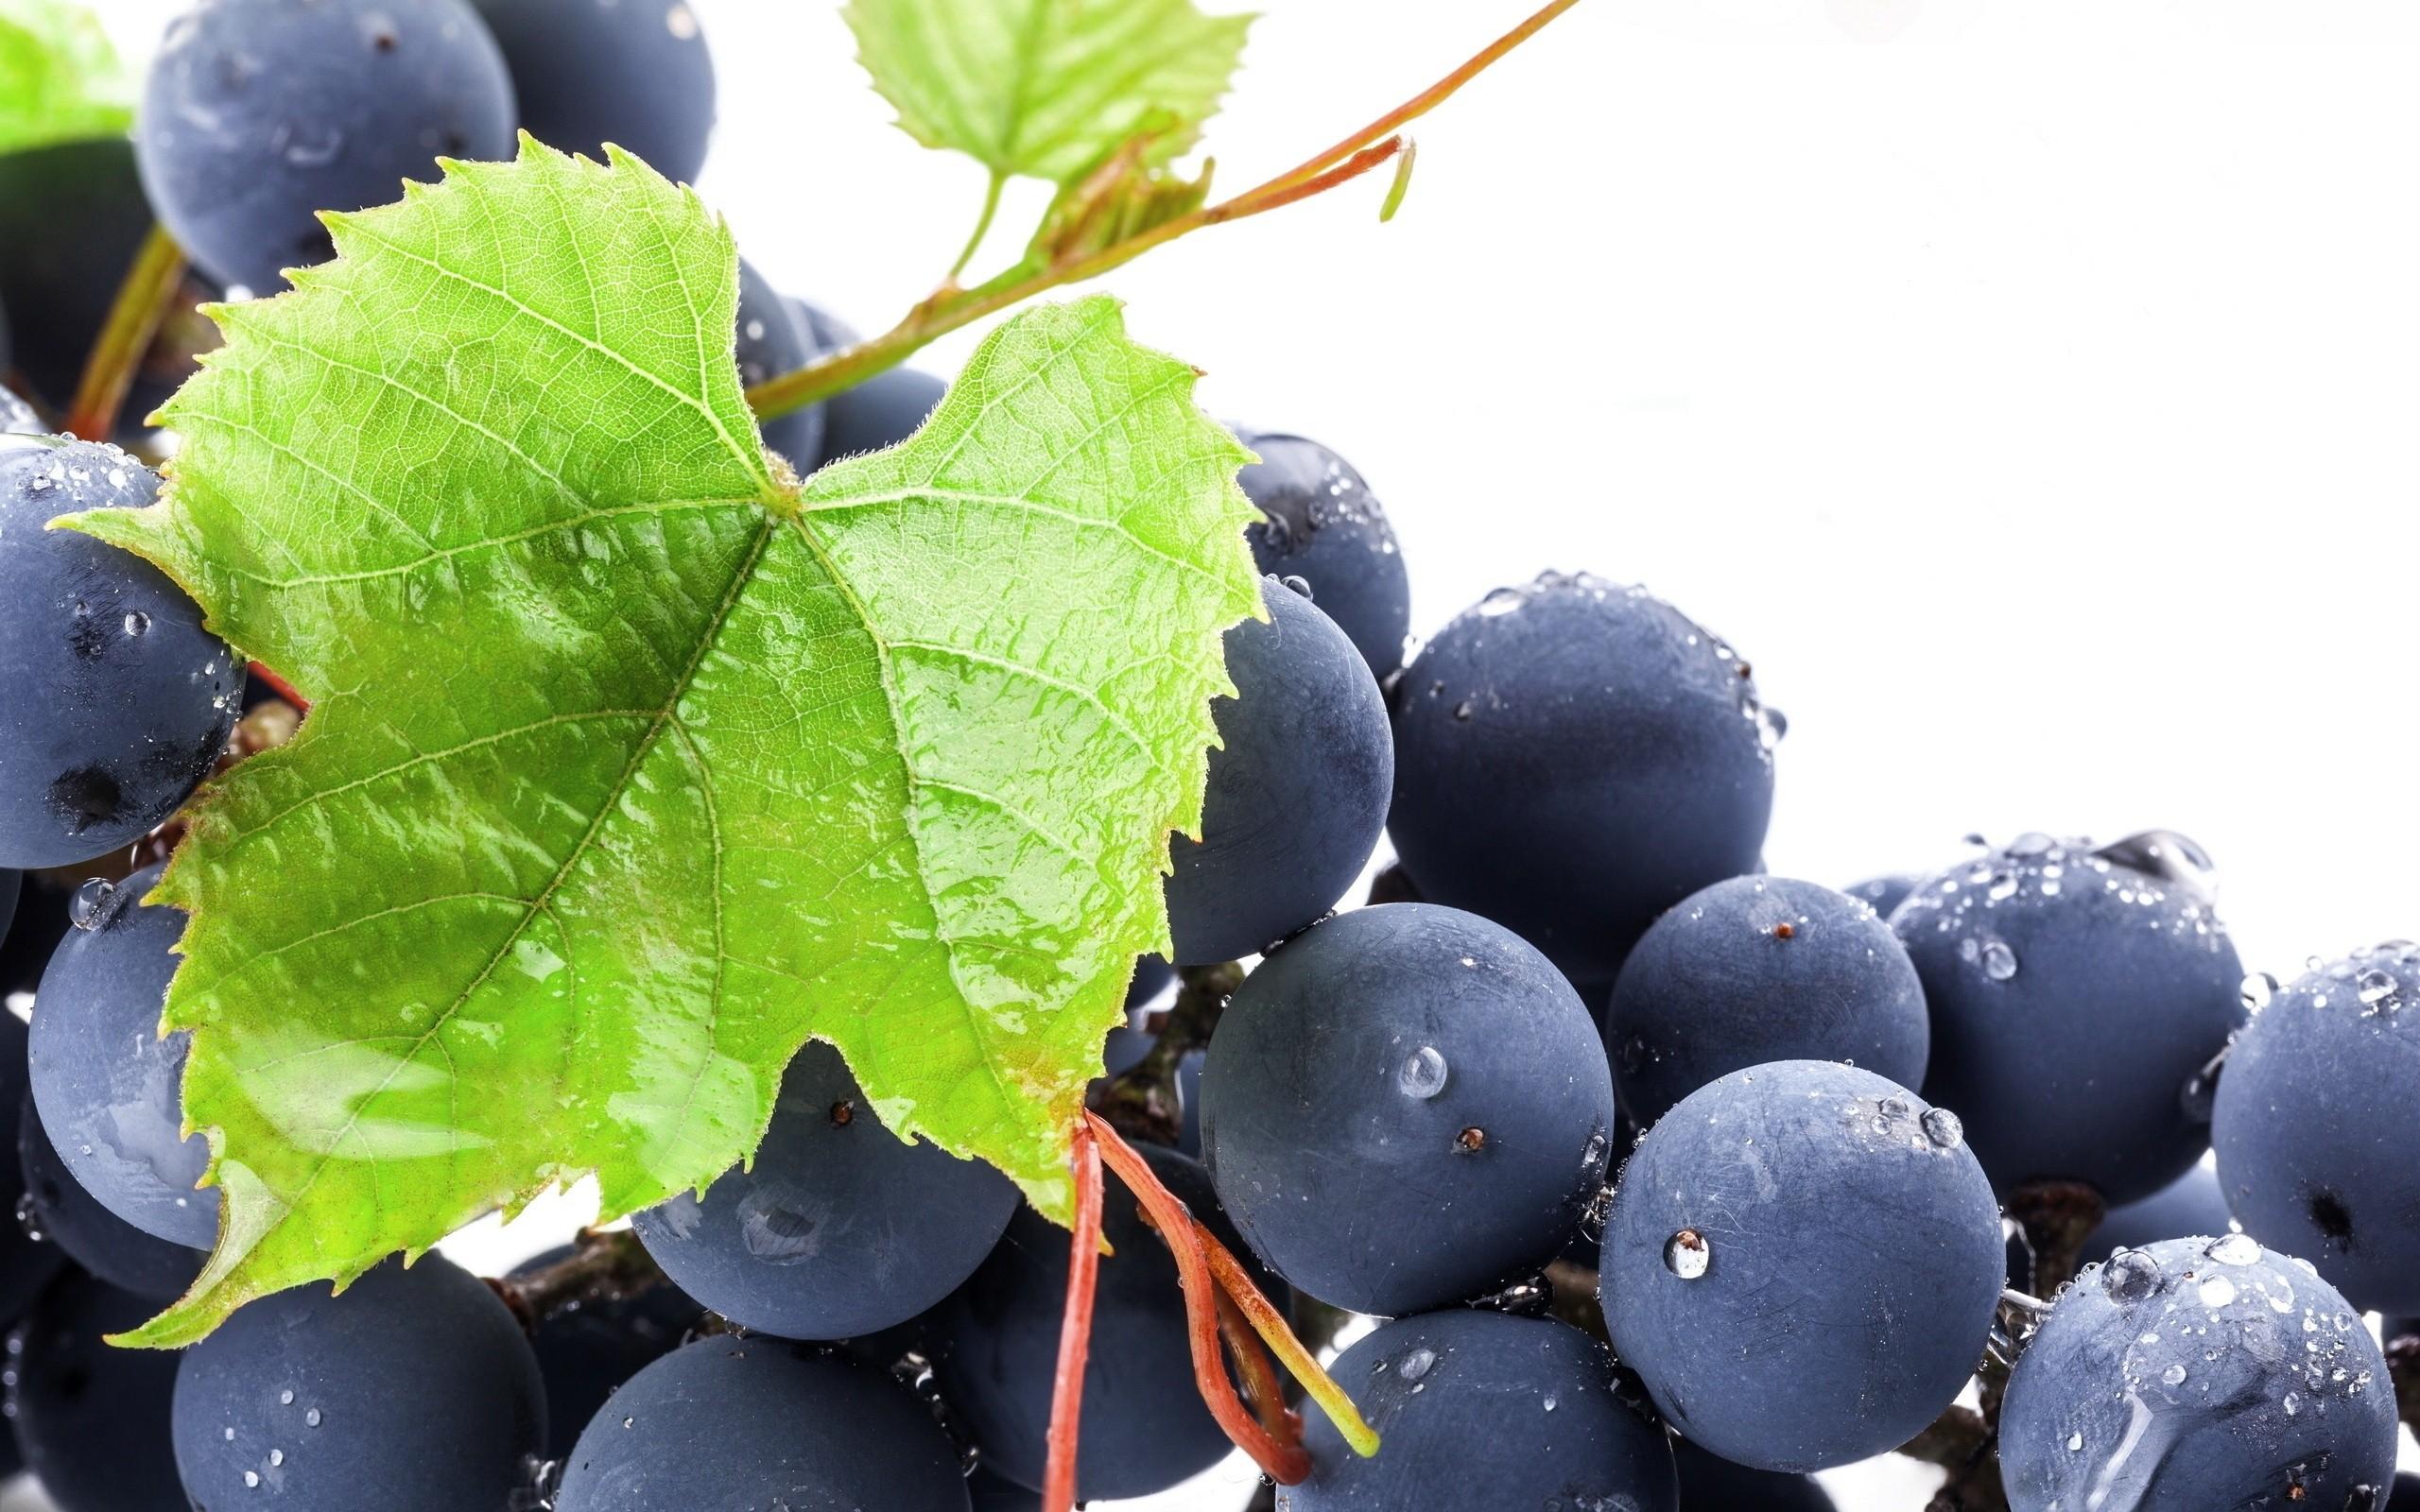 картинки ягод винограда сквер расположен